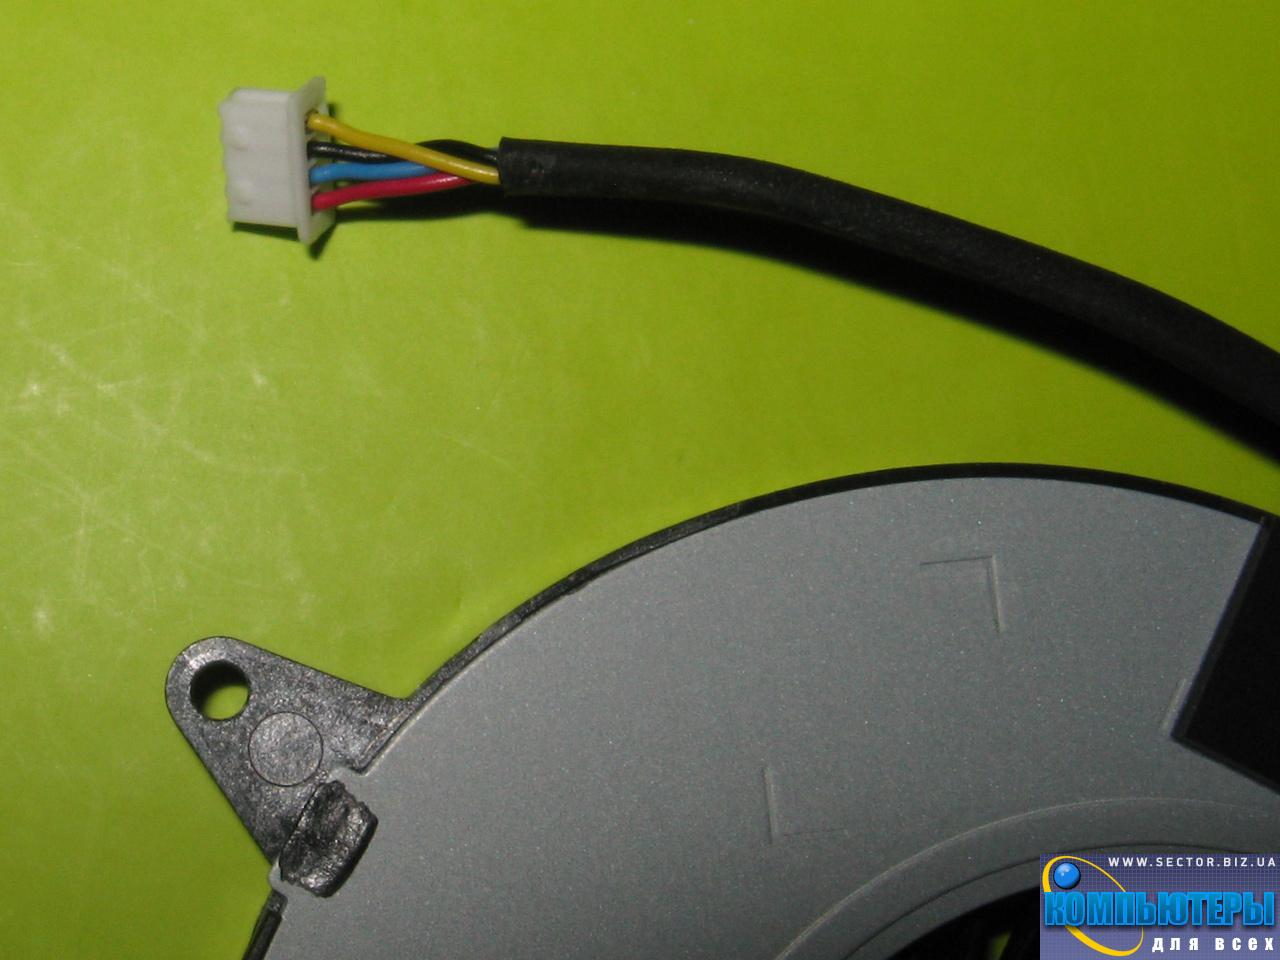 Кулер к ноутбуку Asus X401U X501U X401V X501V p/n: KSB0705HB-CA72. Фото № 2.